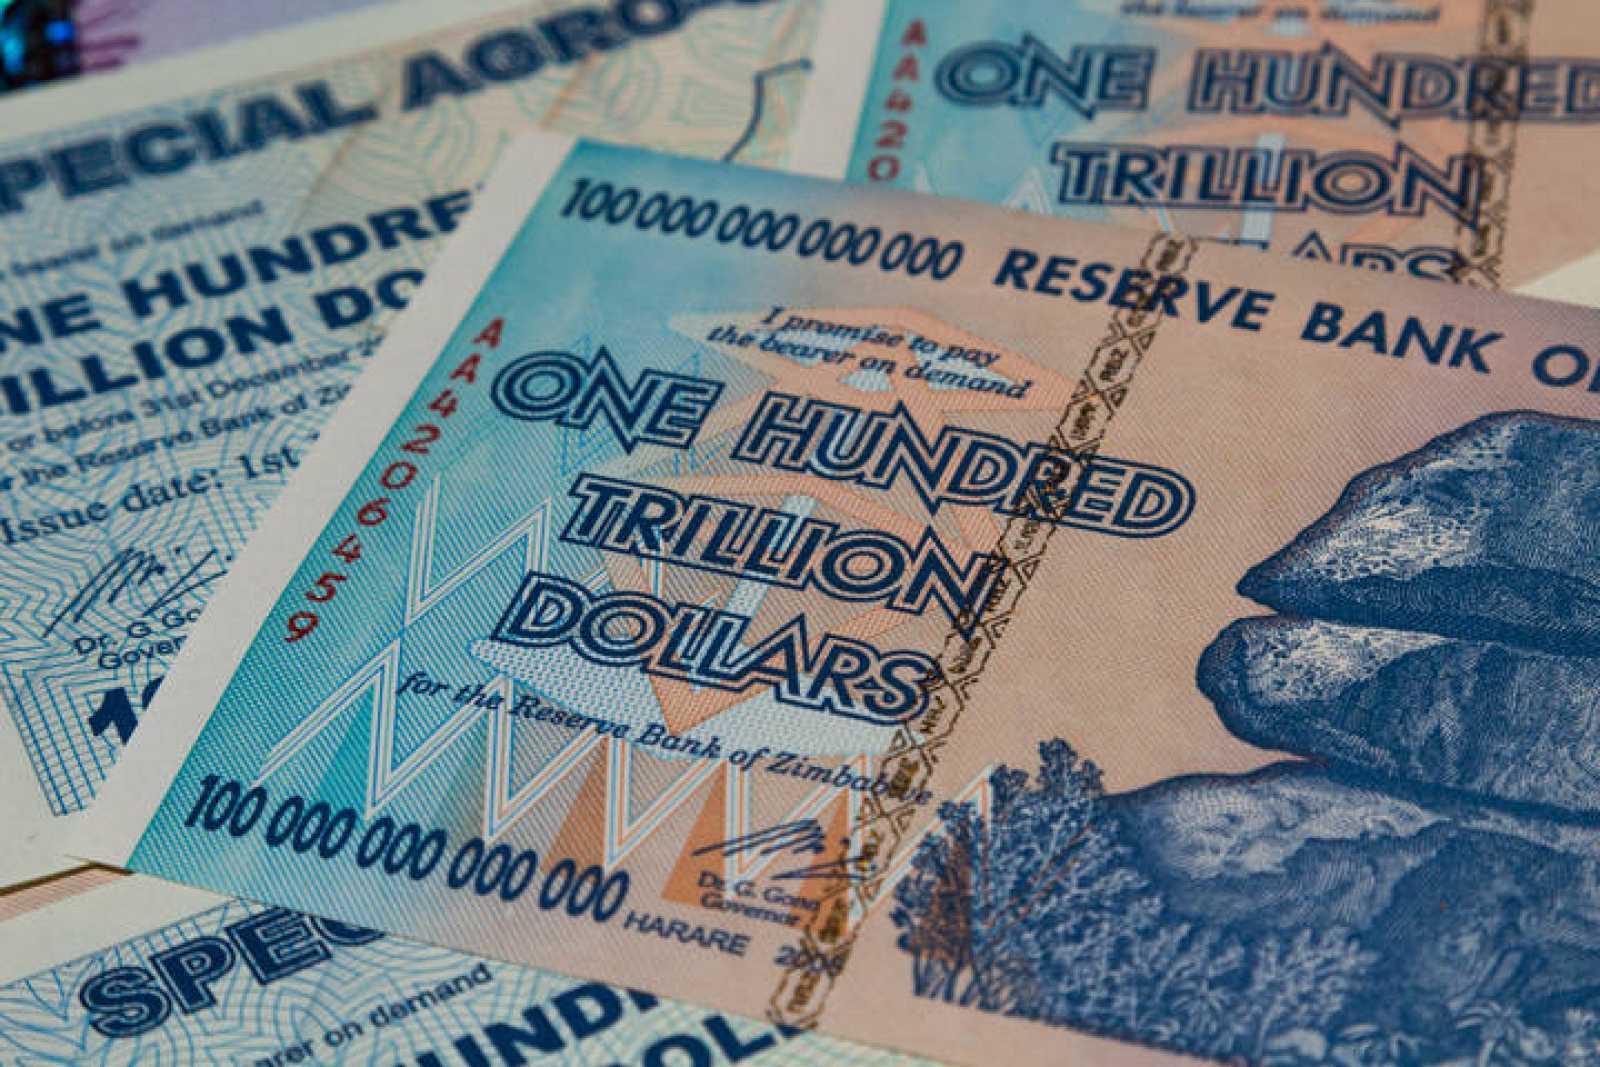 Billetes de cien billones de dólares zimbabuenses